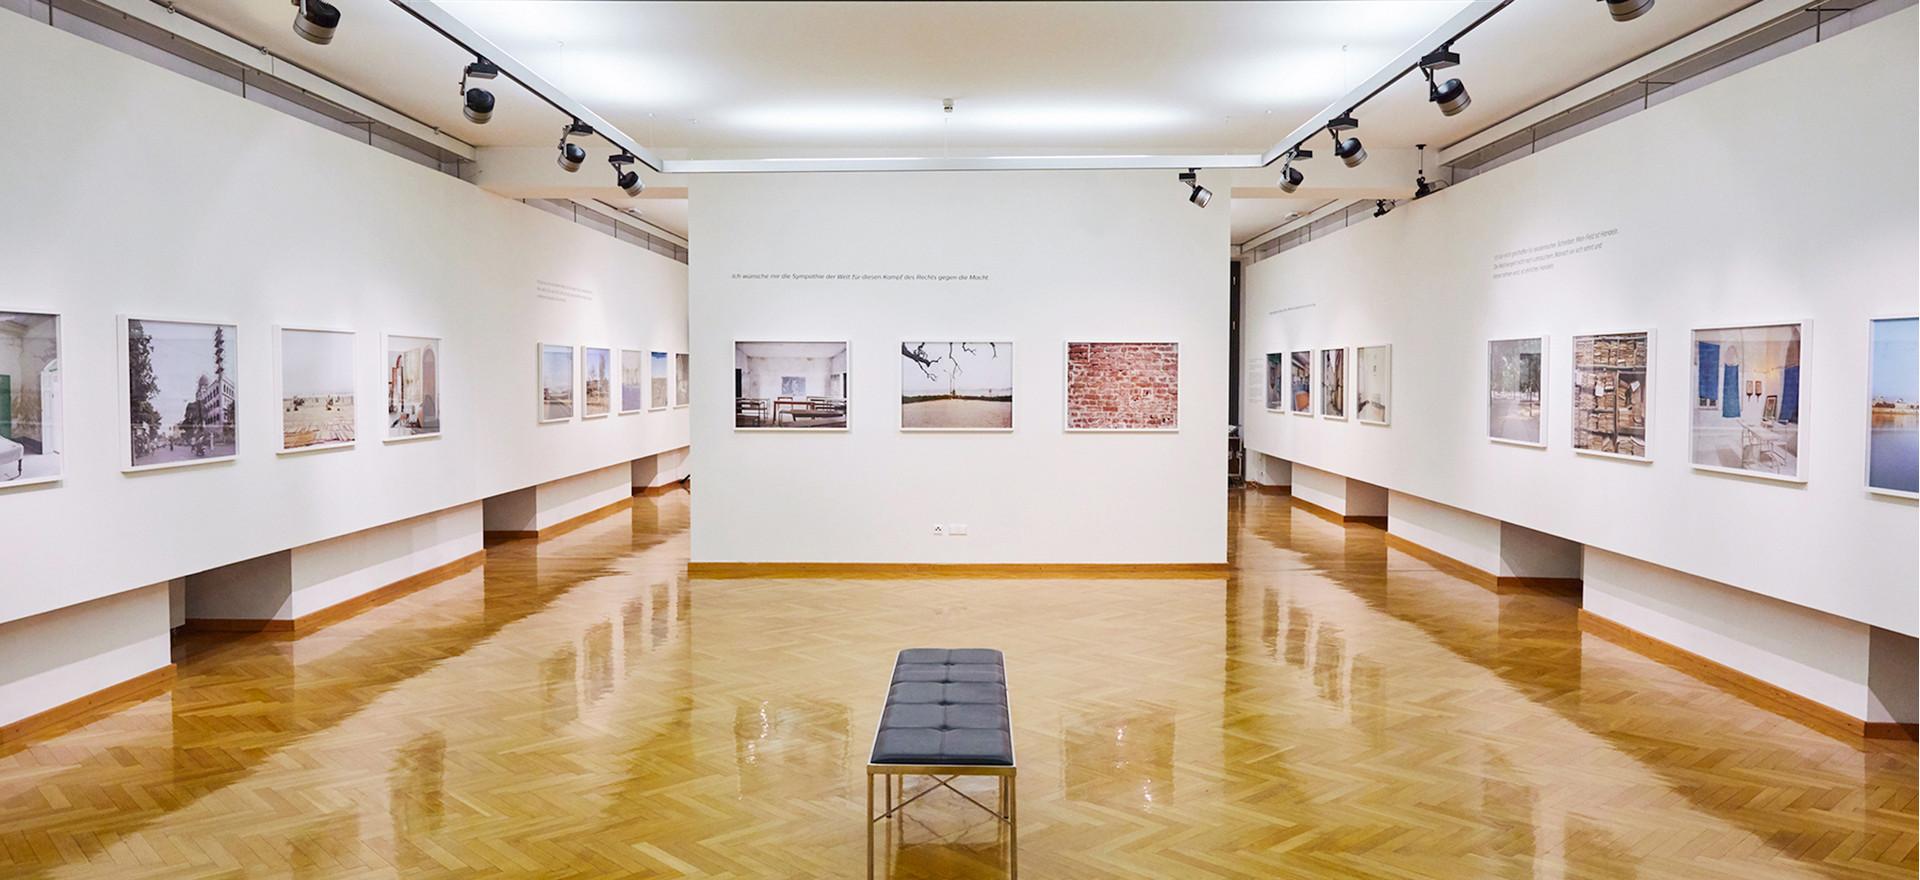 Stadtgalerie Klagenfurt, Austria, 2019